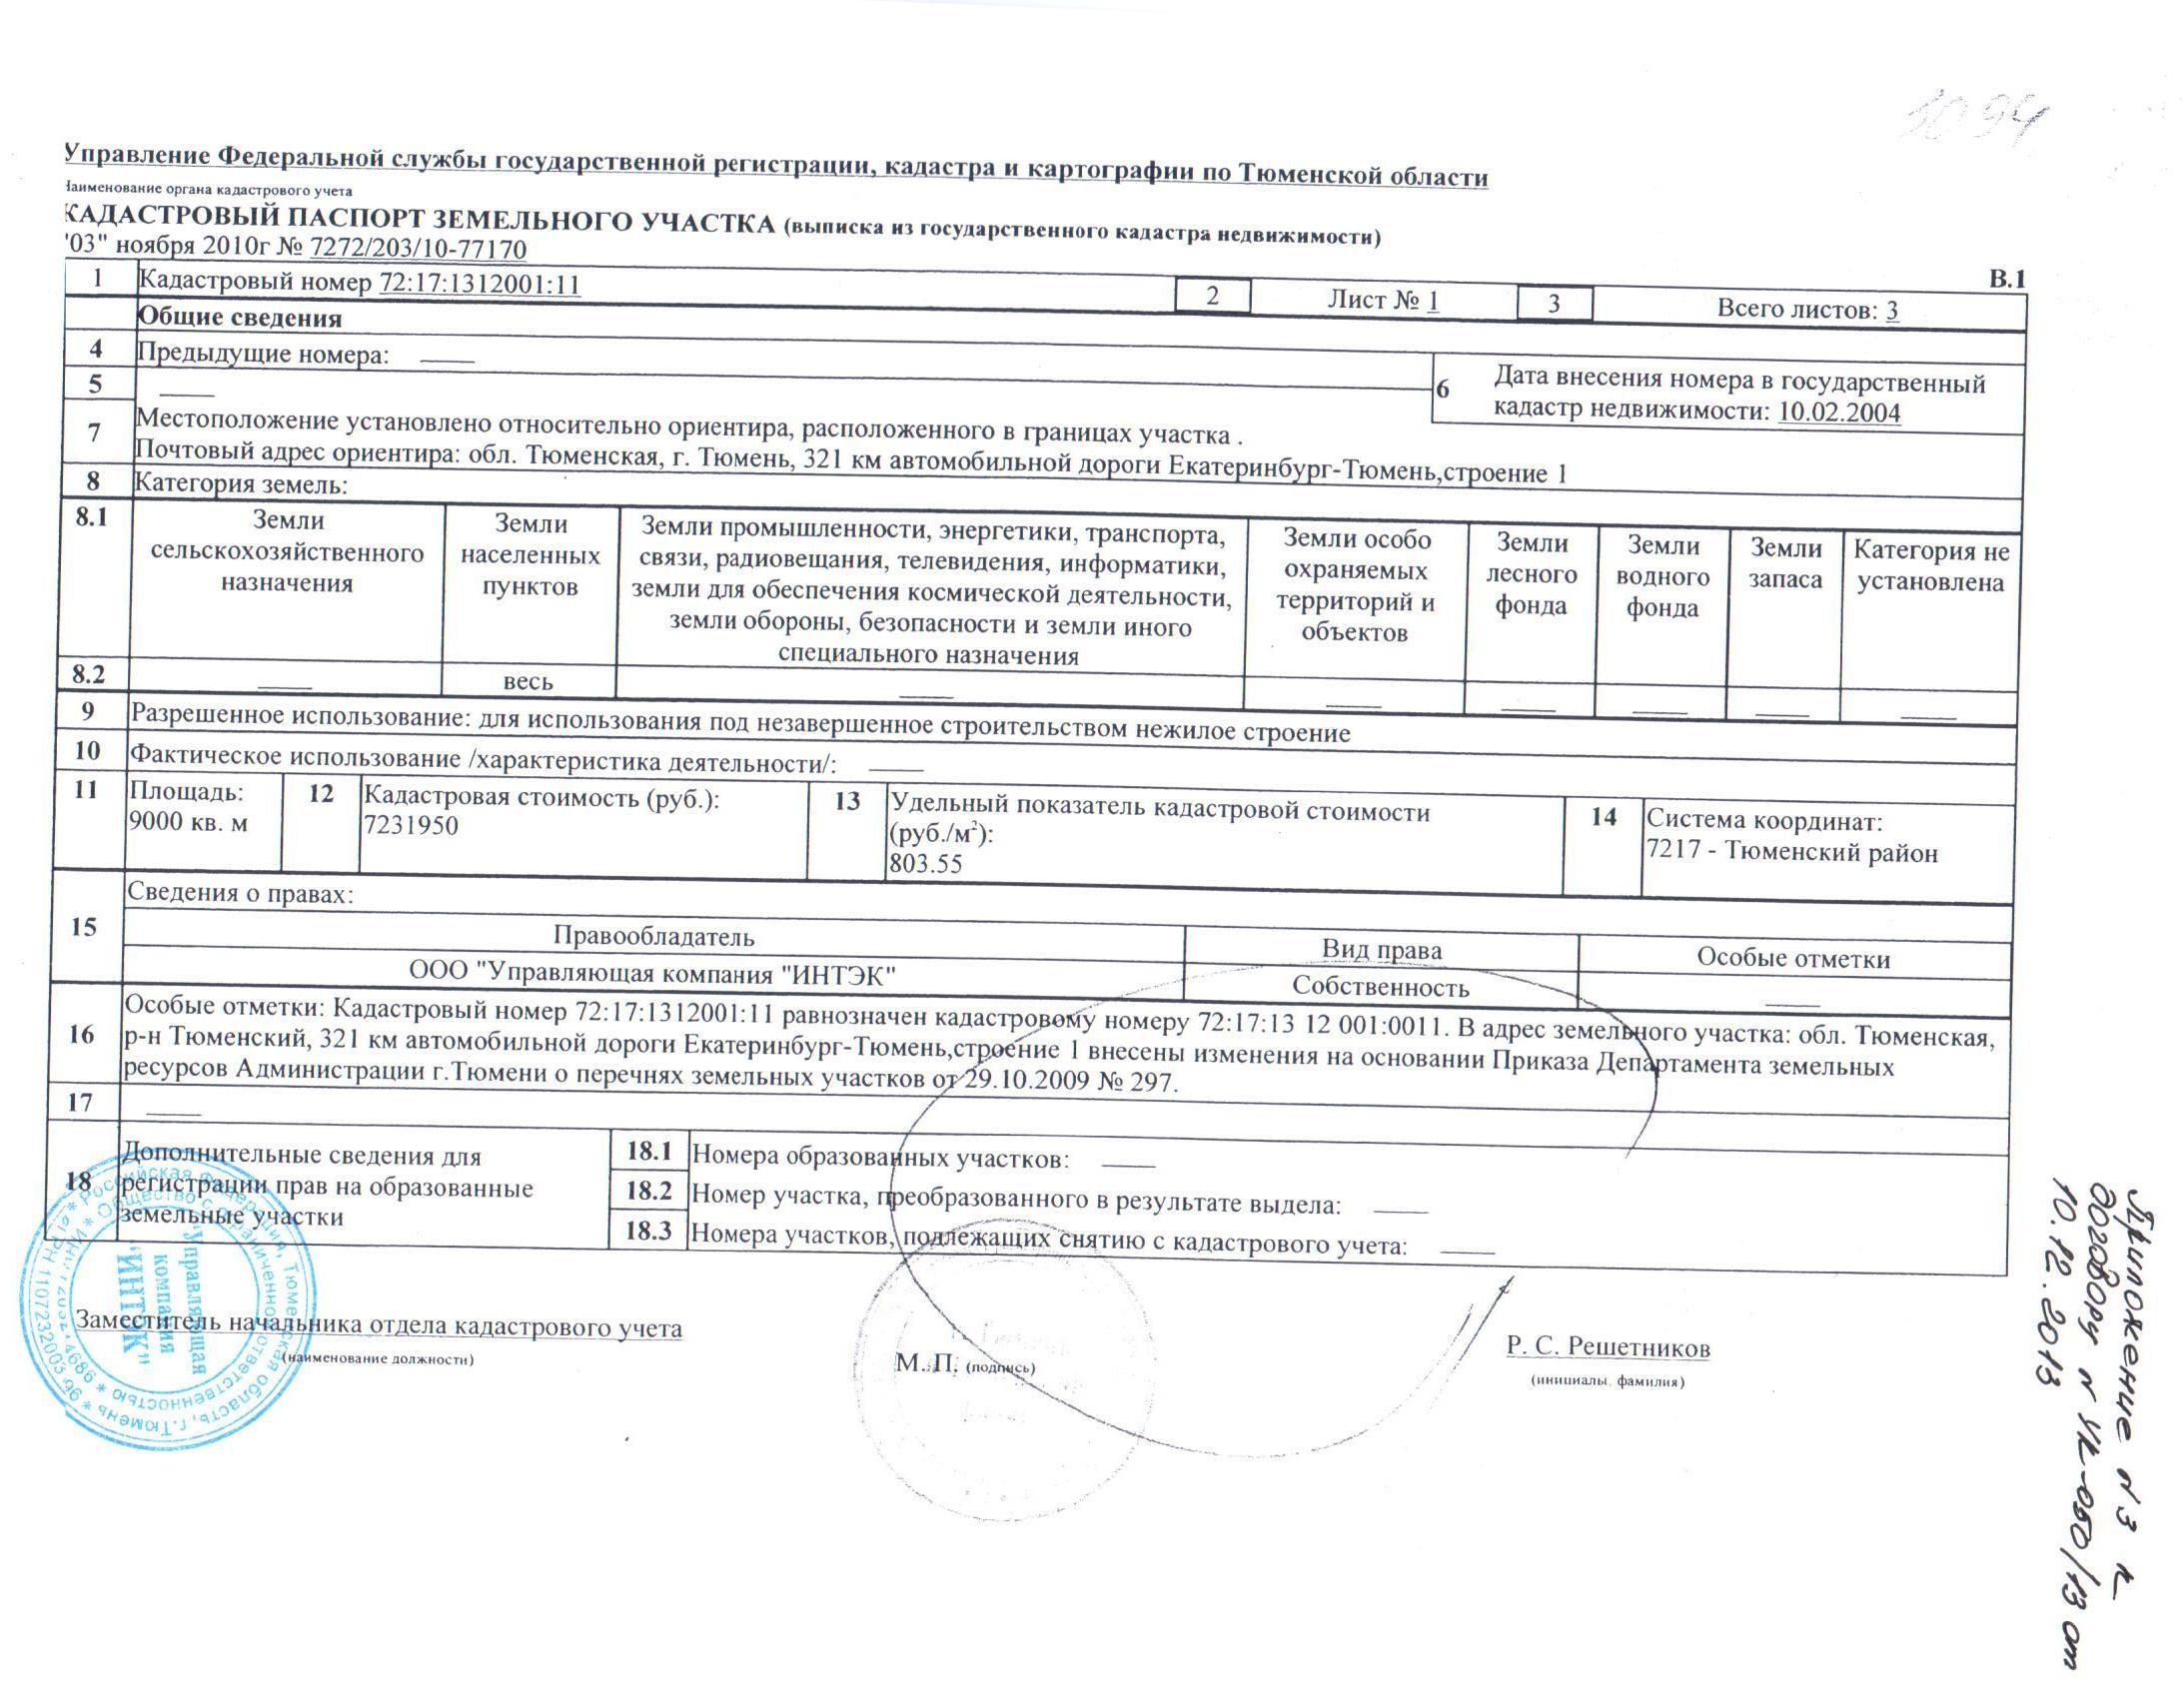 Якушев, Сарычев, УМВД, Вагин, Снисаренко, коррупция, Воронина, Франц, ГИБДД, скандал,